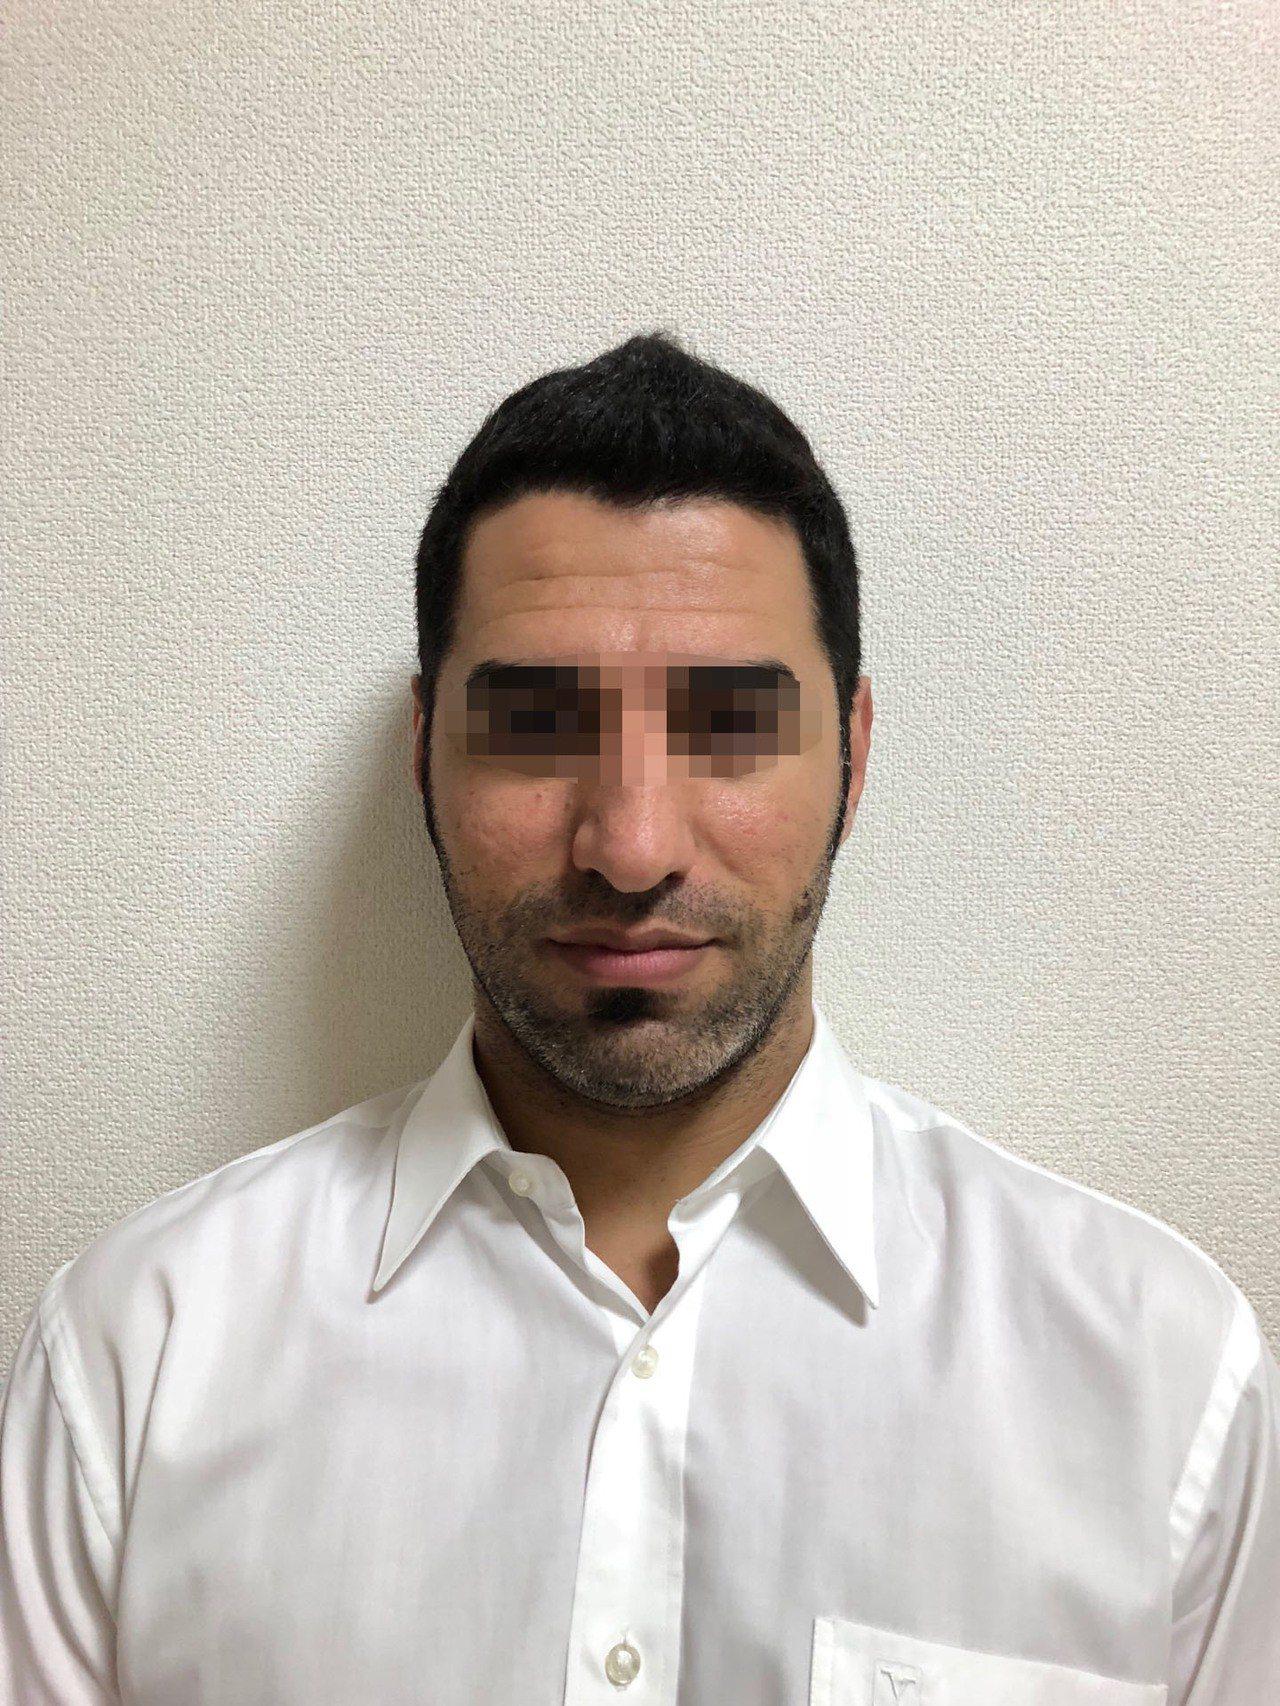 涉嫌殺害蕭姓老夫妻的伊拉克男子ALIHAMMAD JOMAAH照片曝光。記者蔡翼...